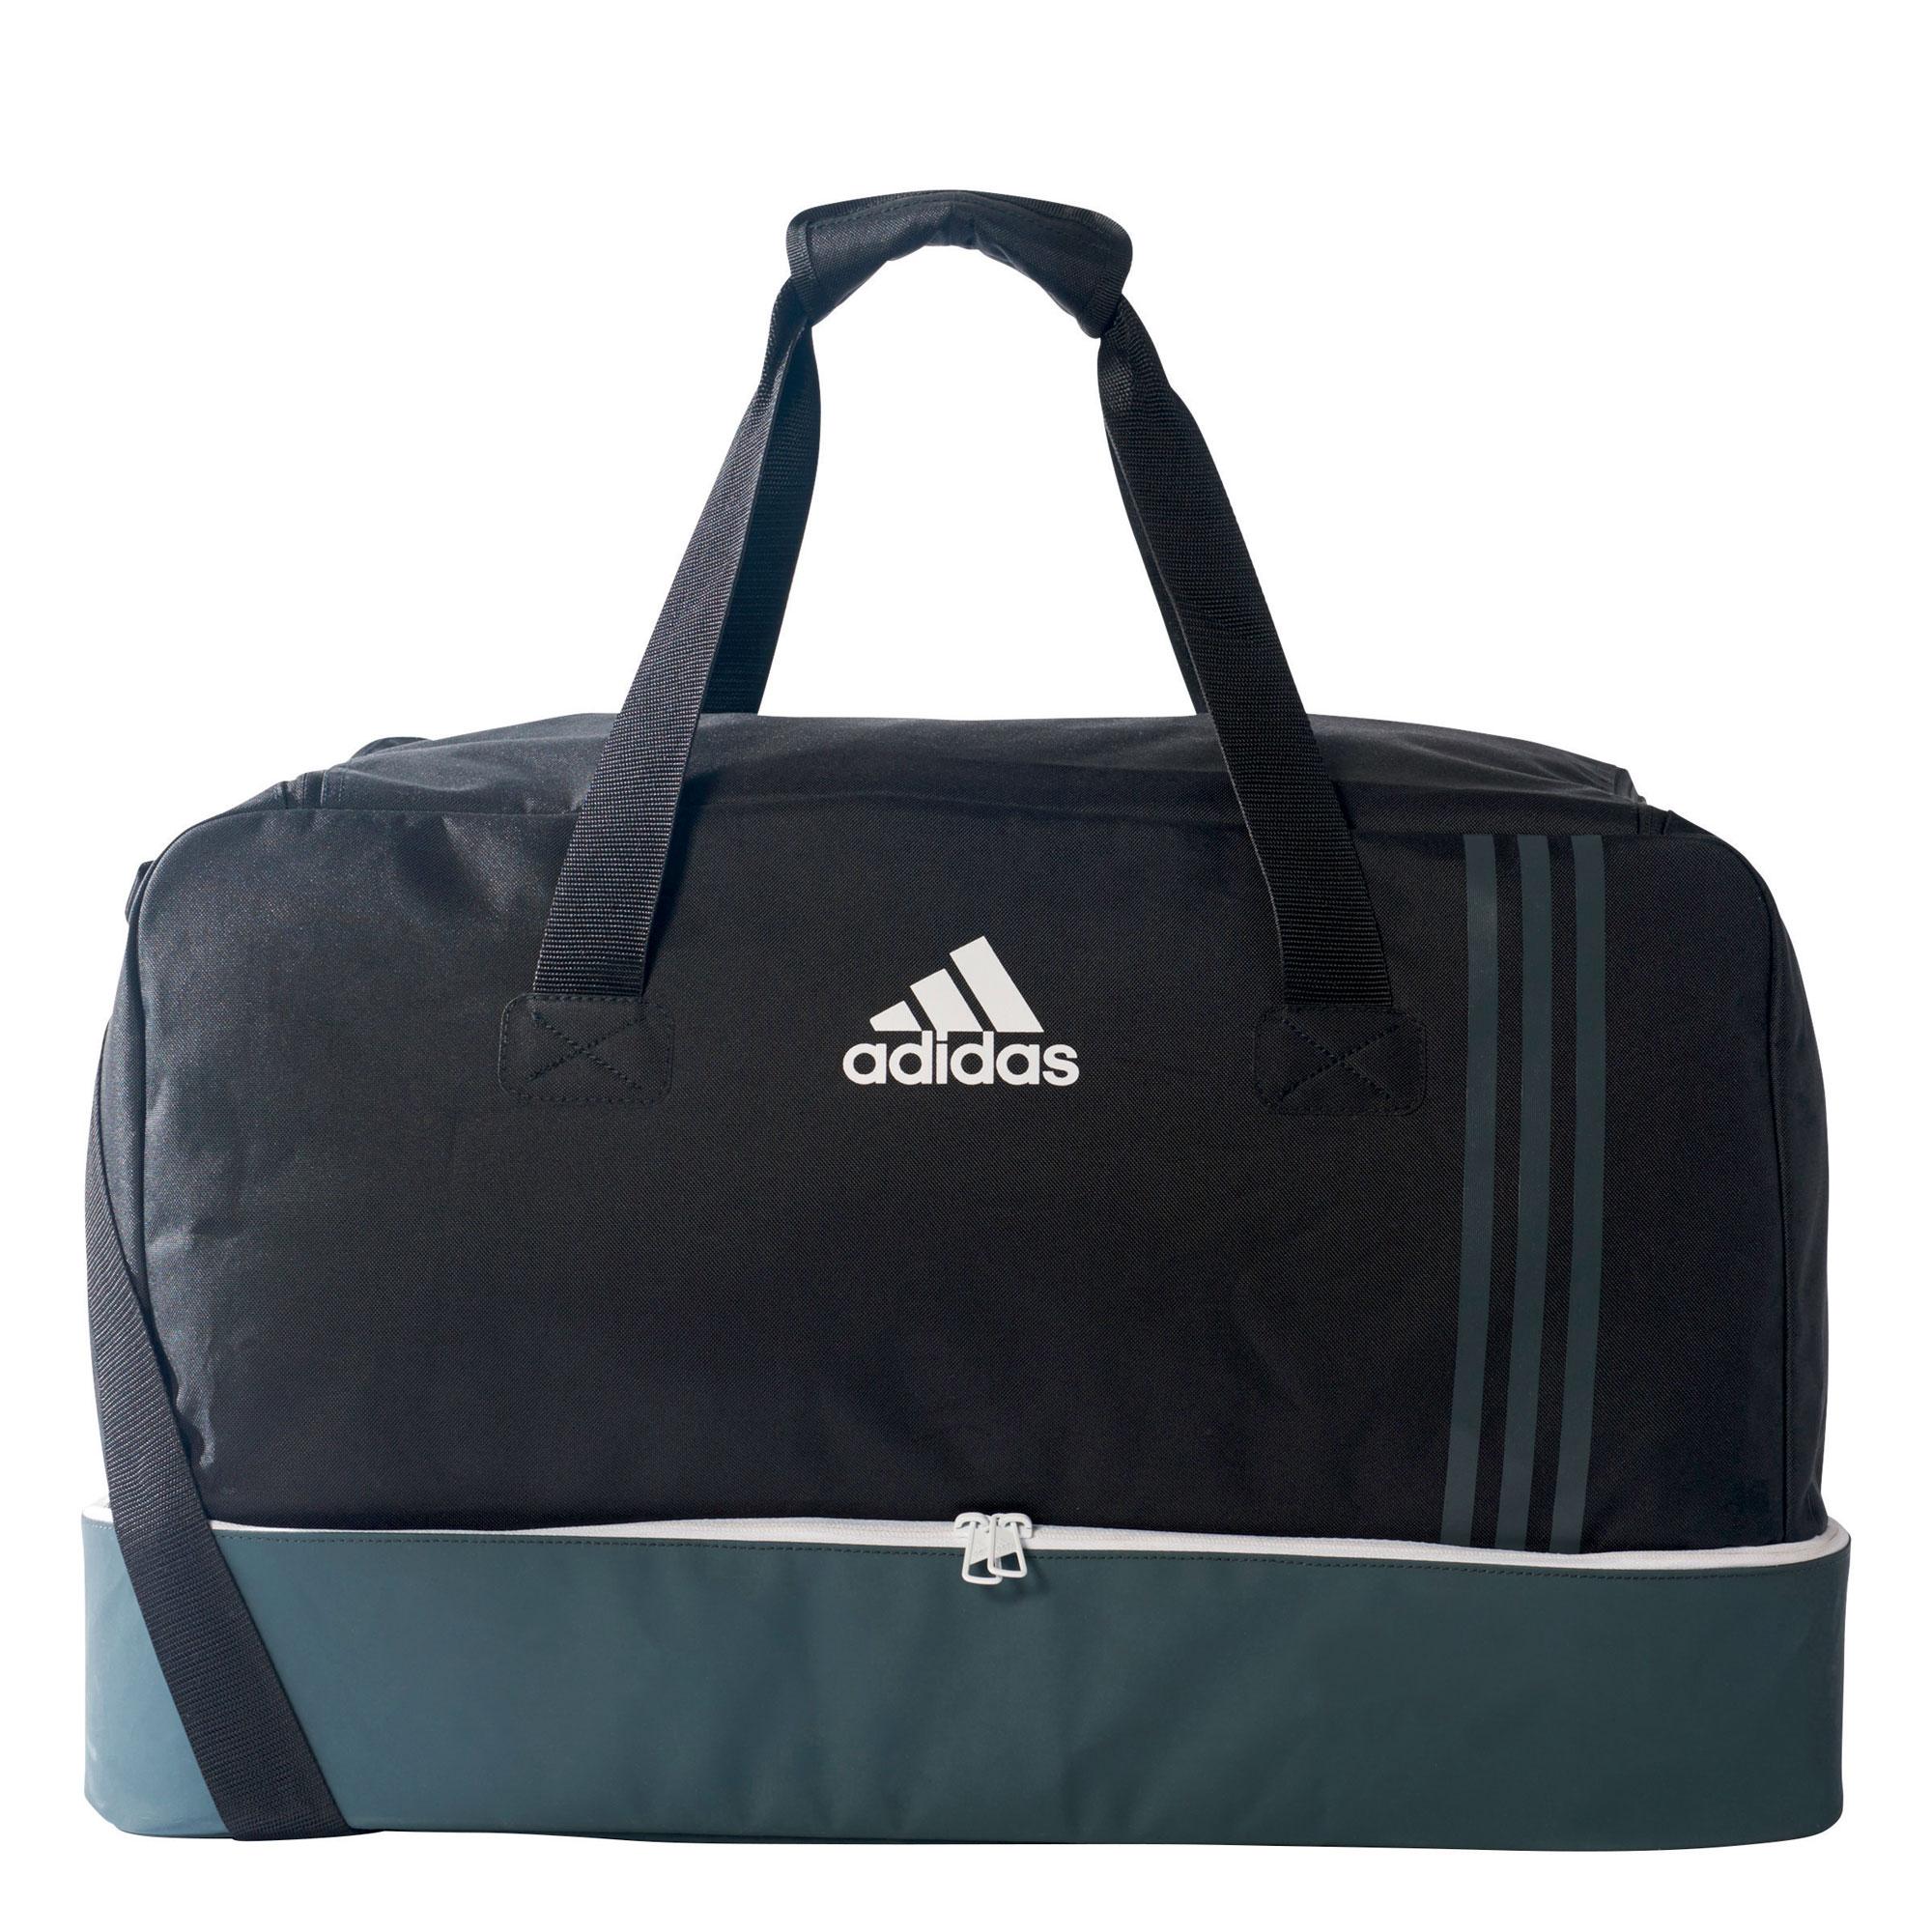 adidas Sporttasche Teambag mit Bodenfach Tiro 17 B46122 L